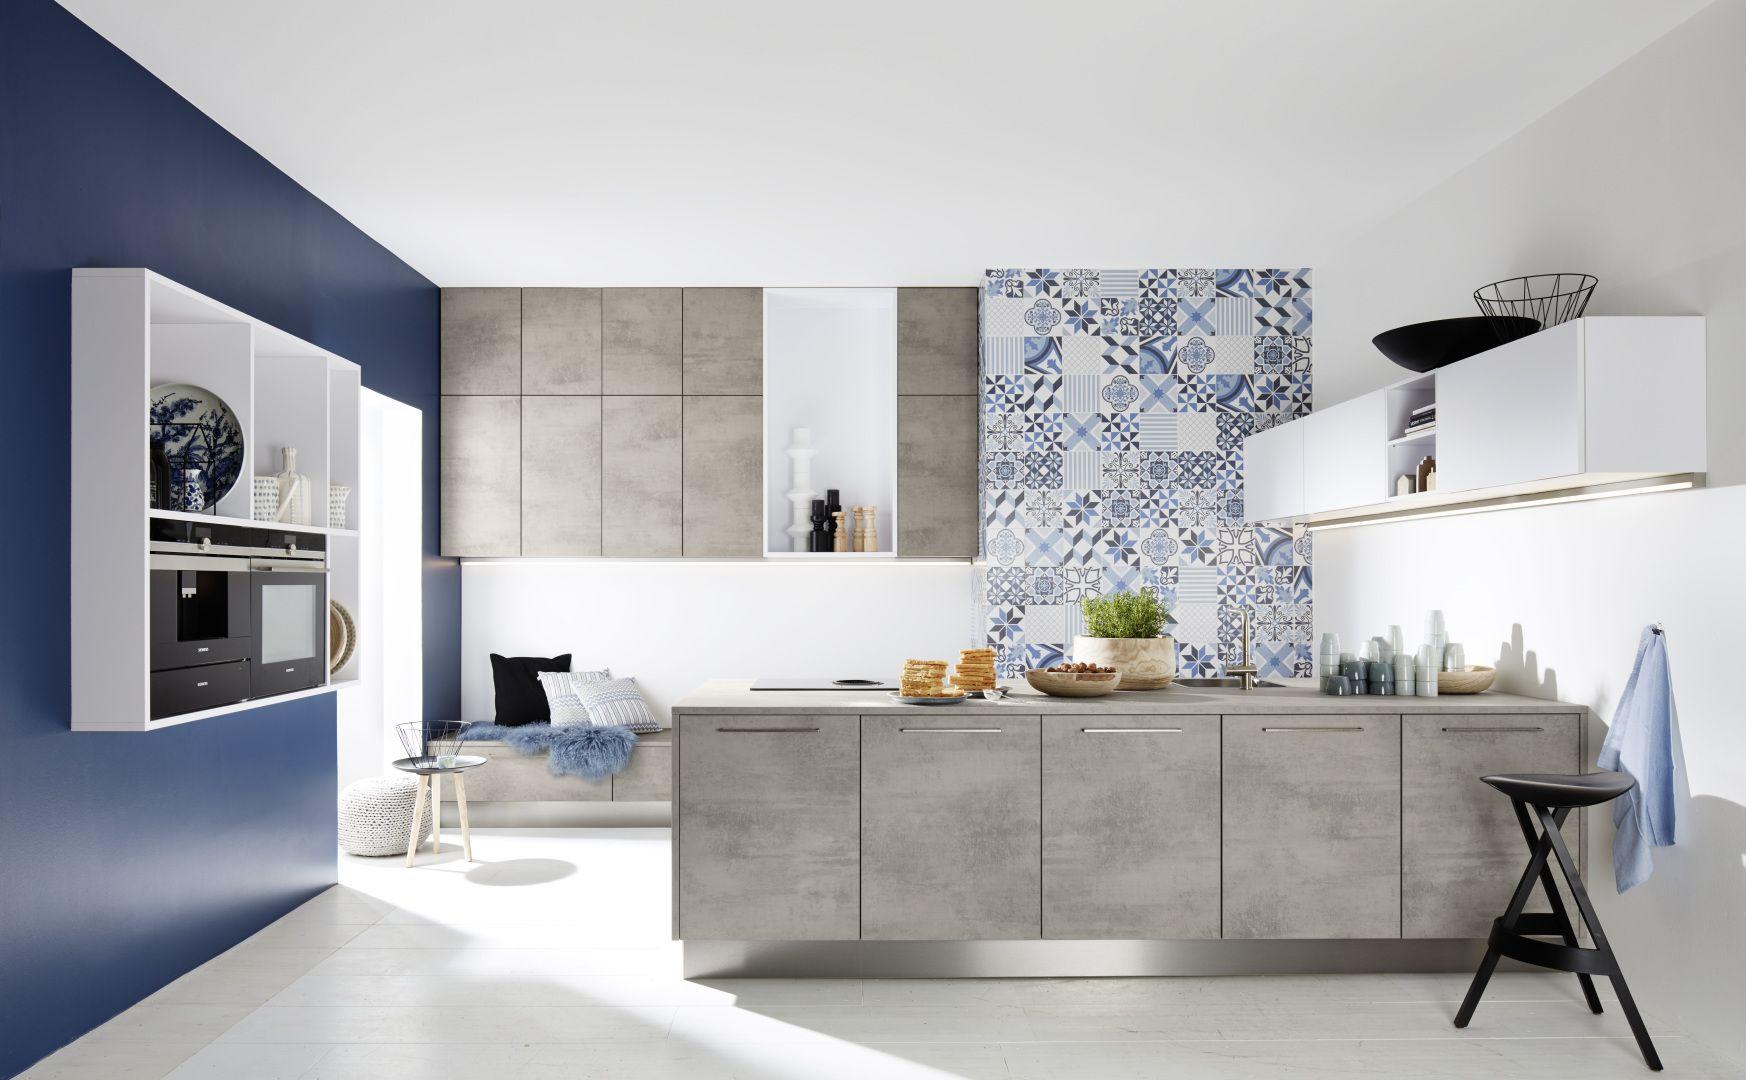 Sympathisch Nolte Küchenplaner Sammlung Von Moderne Küchen: Stilvoll, Innovativ | Nolte-kuechen.de